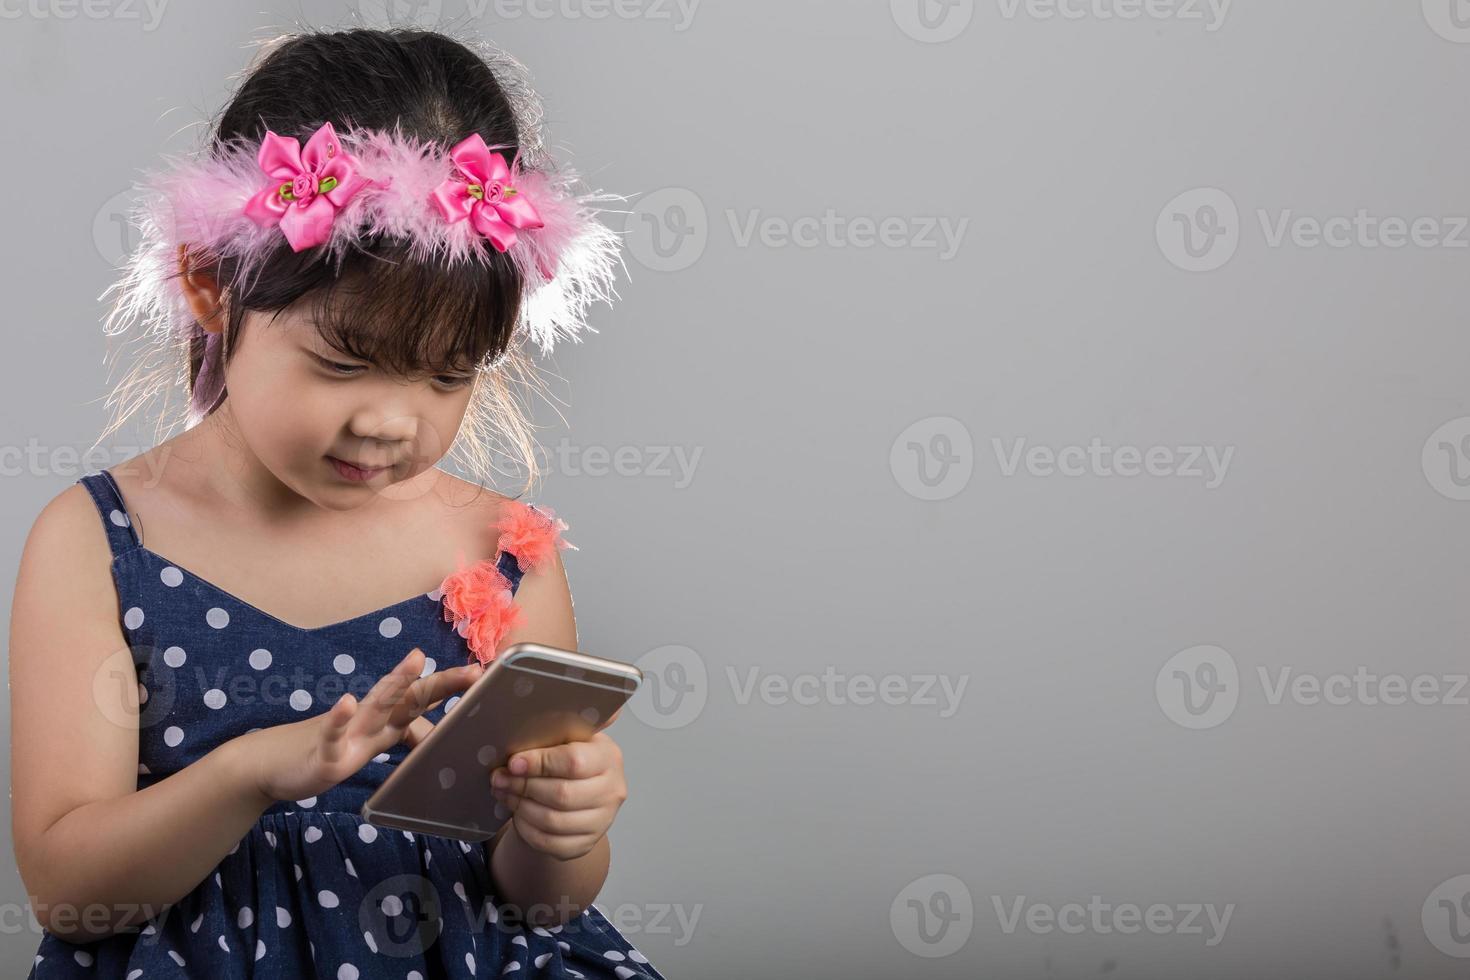 barn som använder smartphone bakgrund / flicka som spelar smartphone bakgrund foto